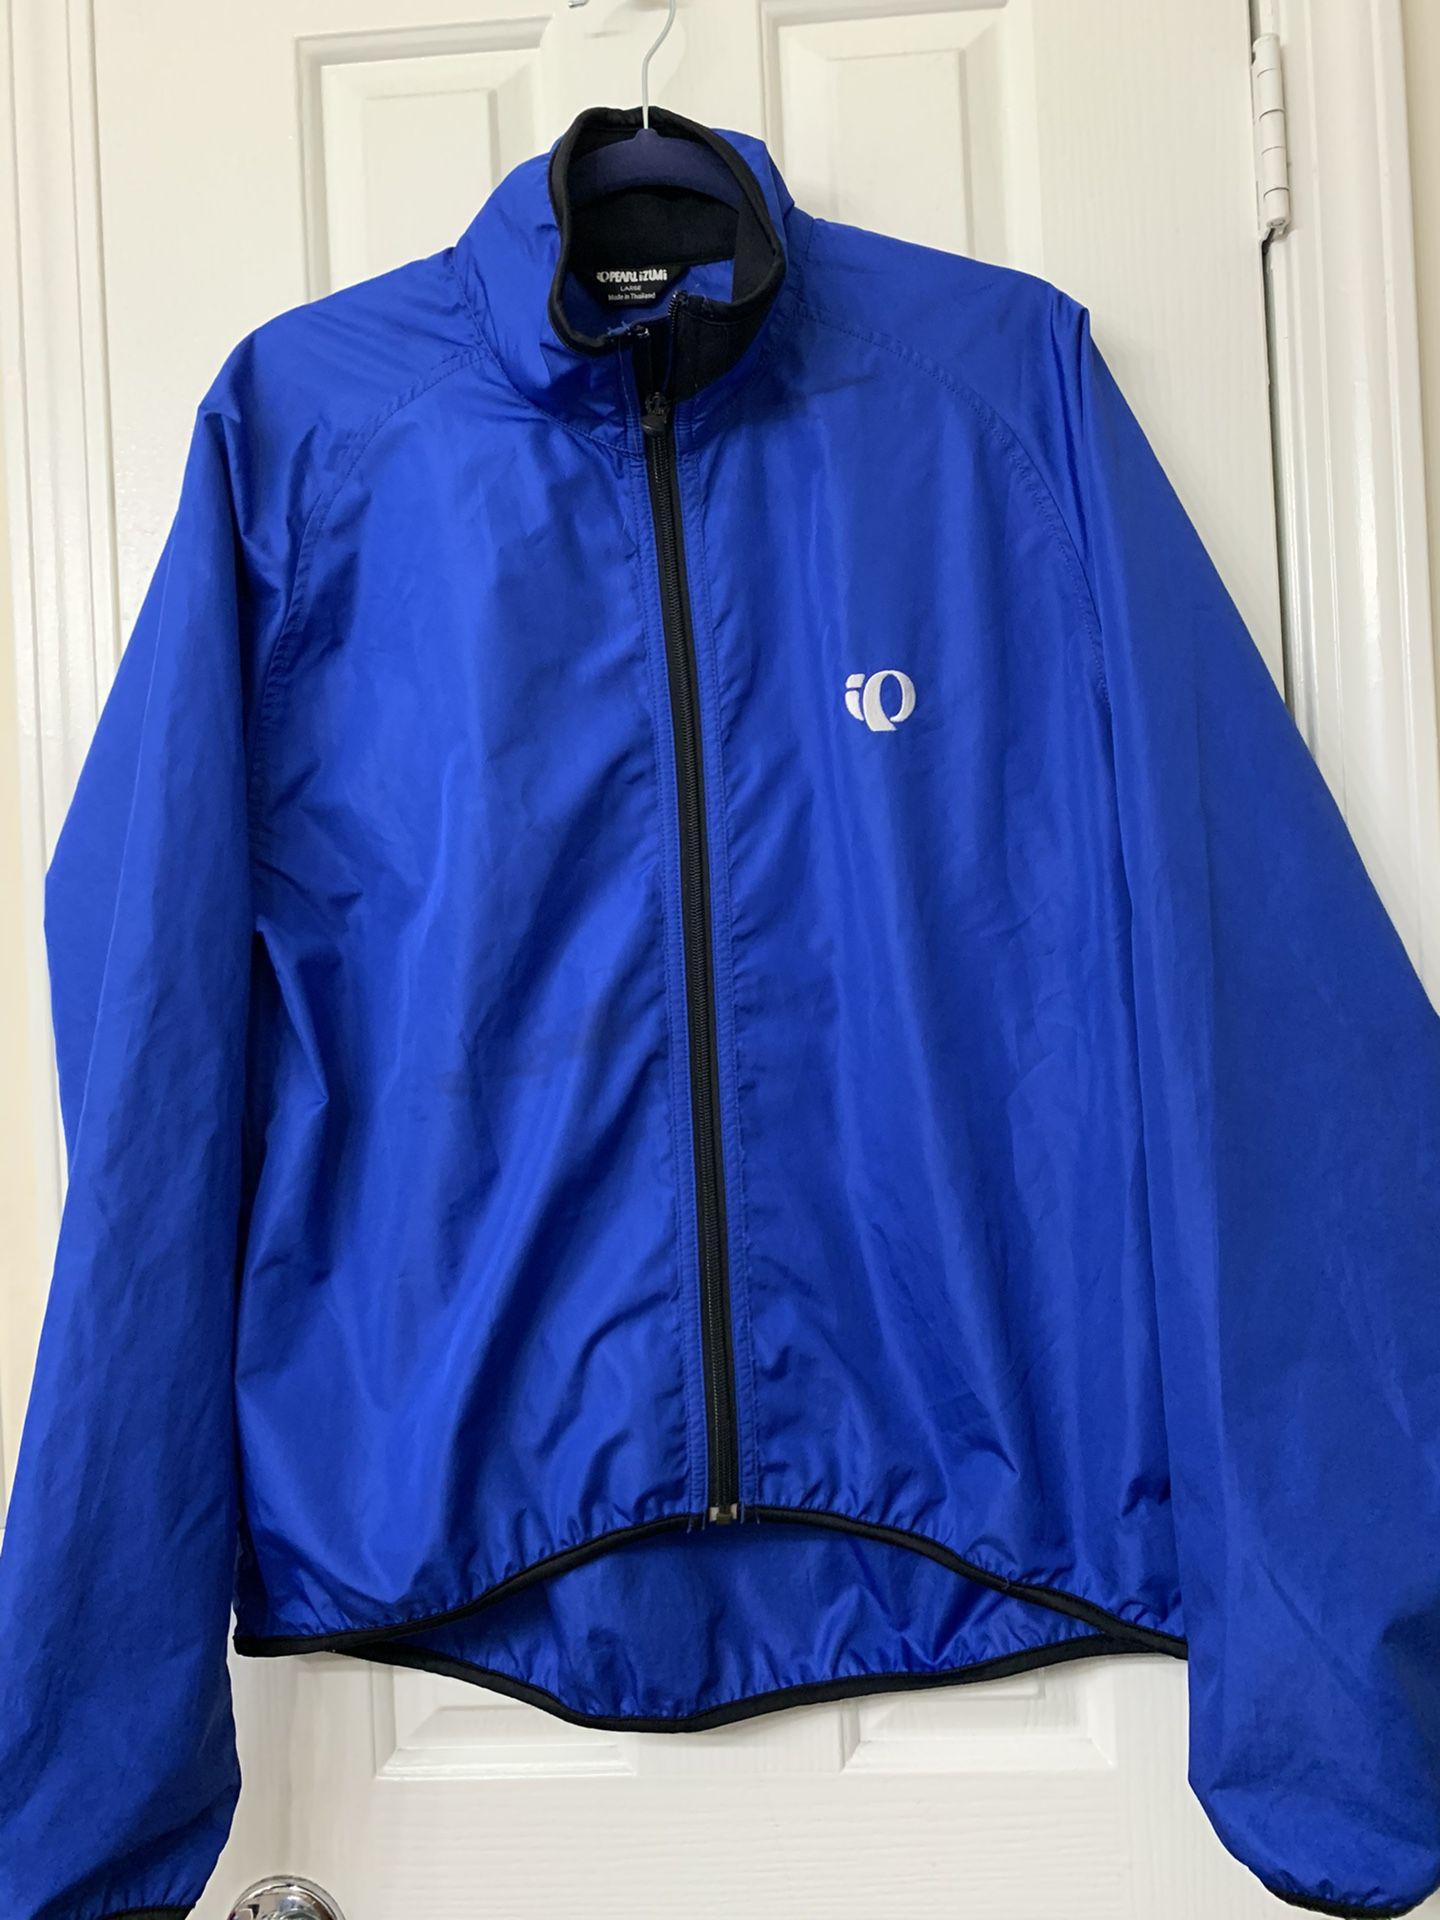 Pearl Izumi Winter Jacket Cobalt Blue & Black Sz L